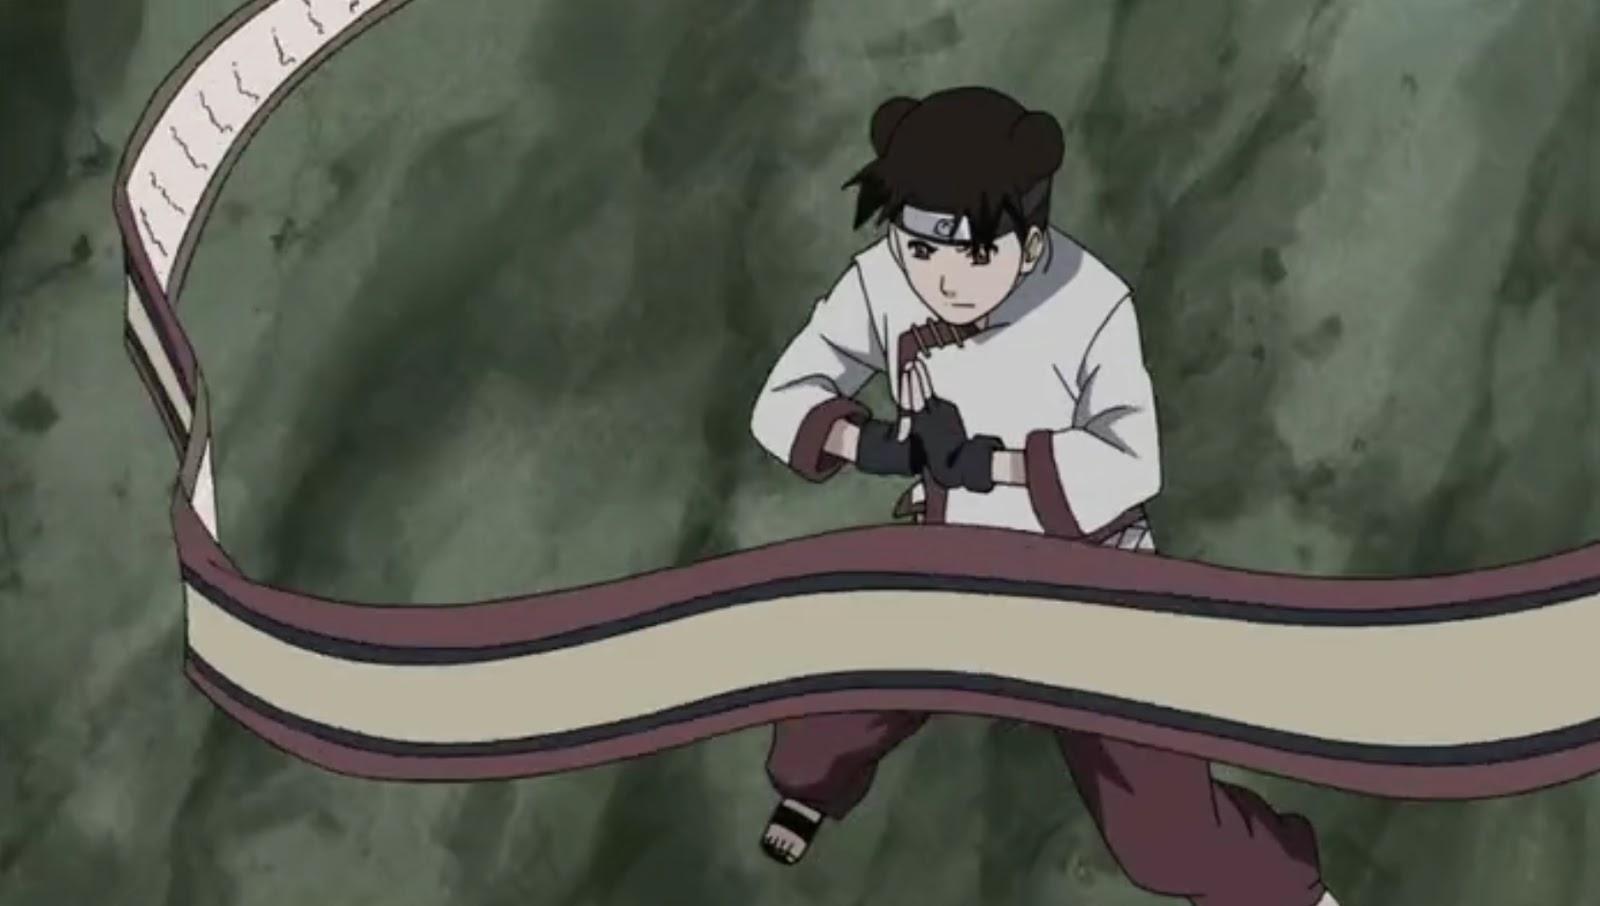 Naruto Shippuden Episódio 237, Assistir Naruto Shippuden Episódio 237, Assistir Naruto Shippuden Todos os Episódios Legendado, Naruto Shippuden episódio 237,HD